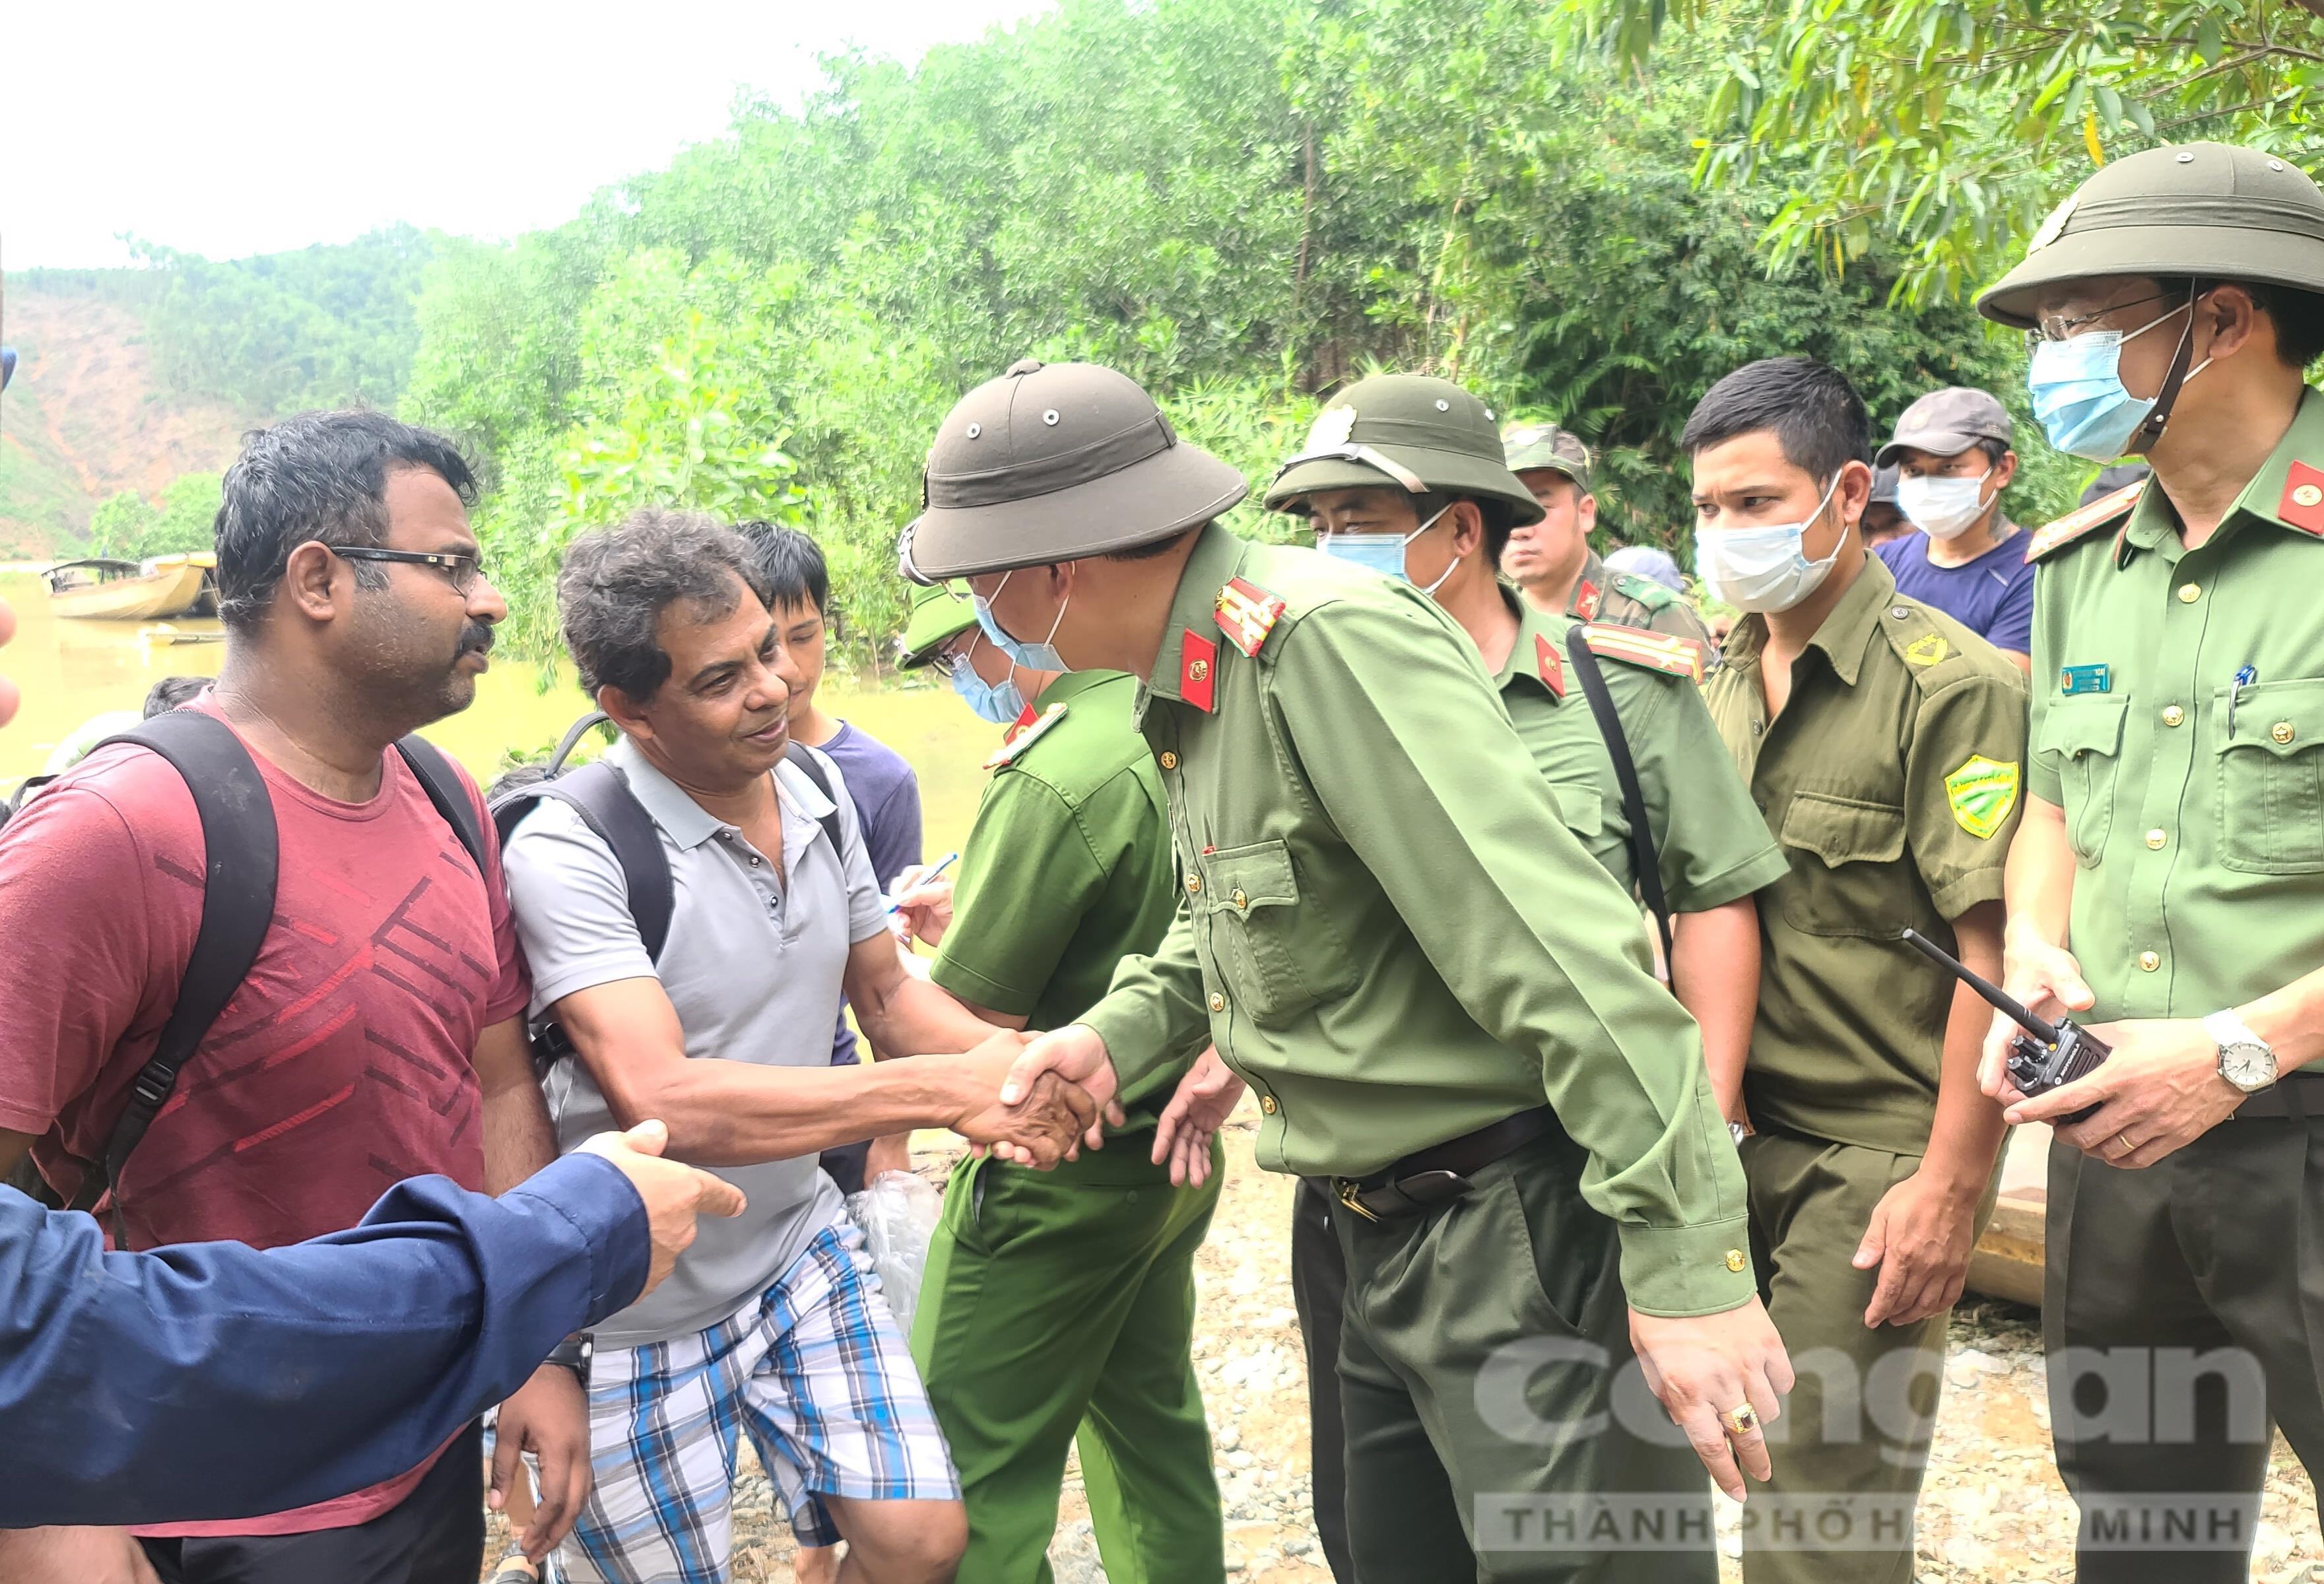 Thượng tá Nguyễn Thanh Tuấn – Giám đốc Công an tỉnh Thừa Thiên – Huế động viên, thăm hỏi chuyên gia Ấn Độ trong đoàn người được cứu hộ.